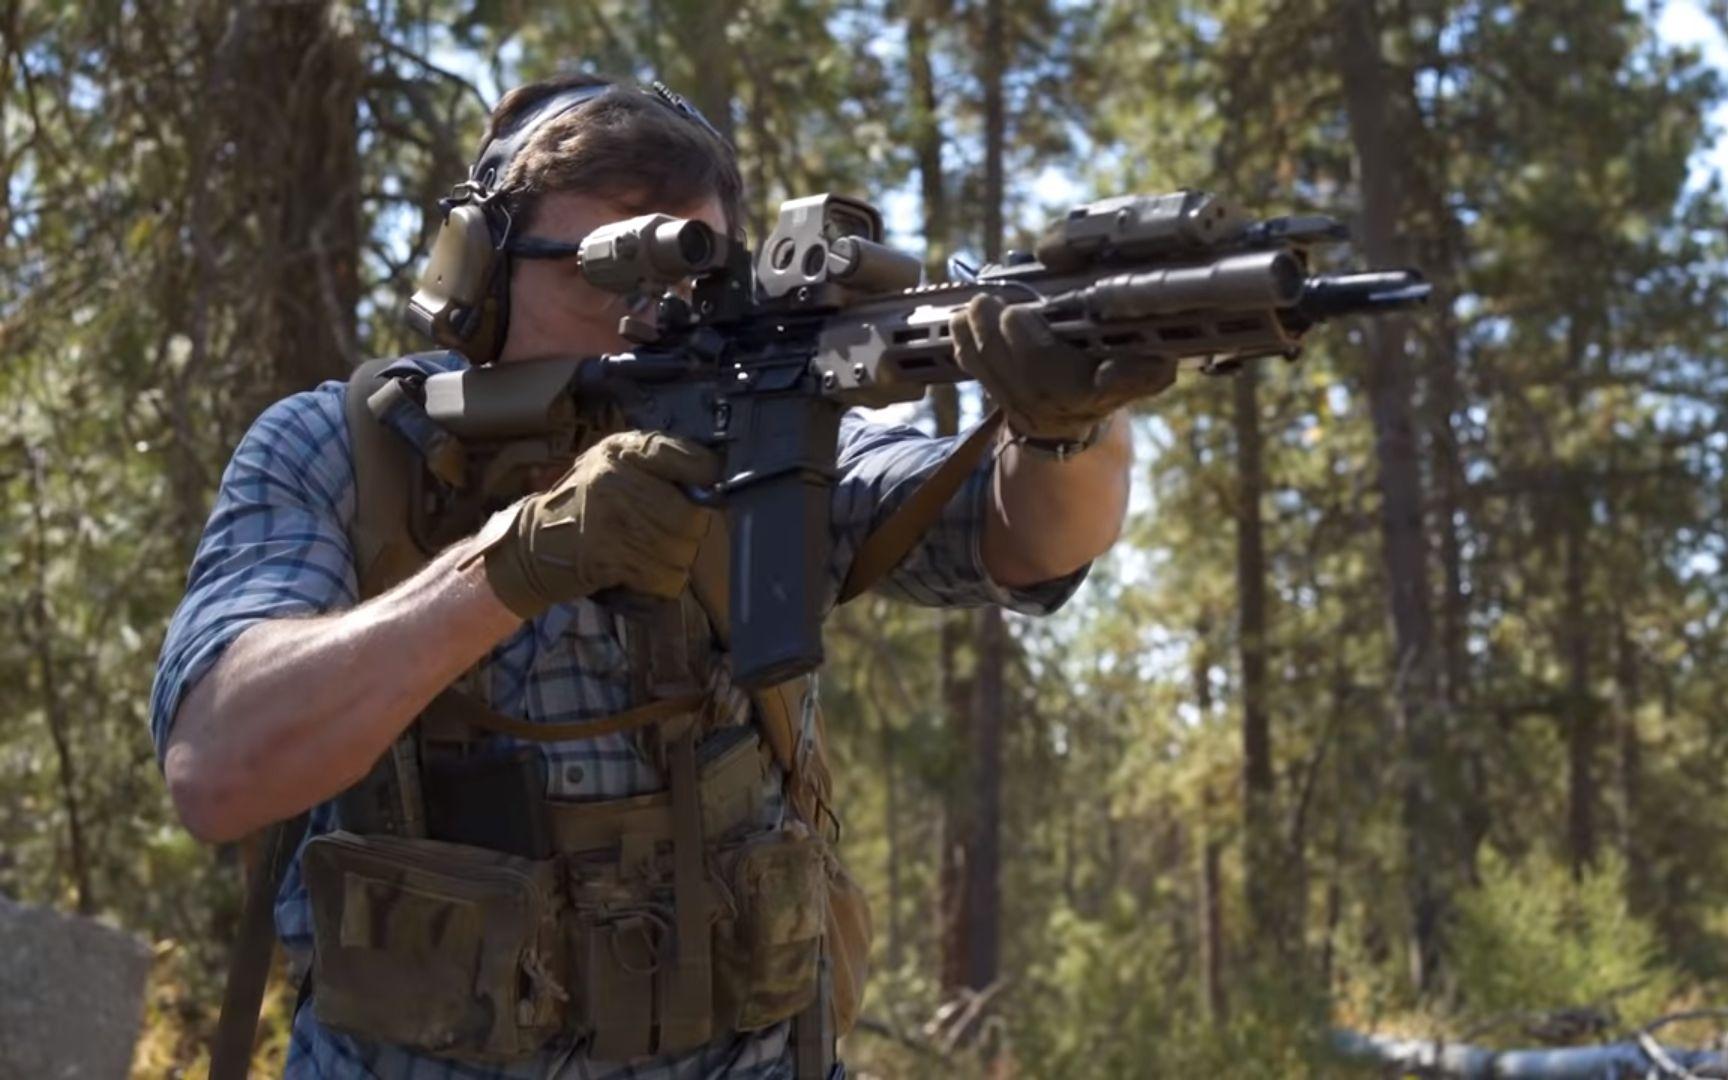 【中文字幕】Geissele URGI: 陆军特种部队的新步枪(Garand Thumb)